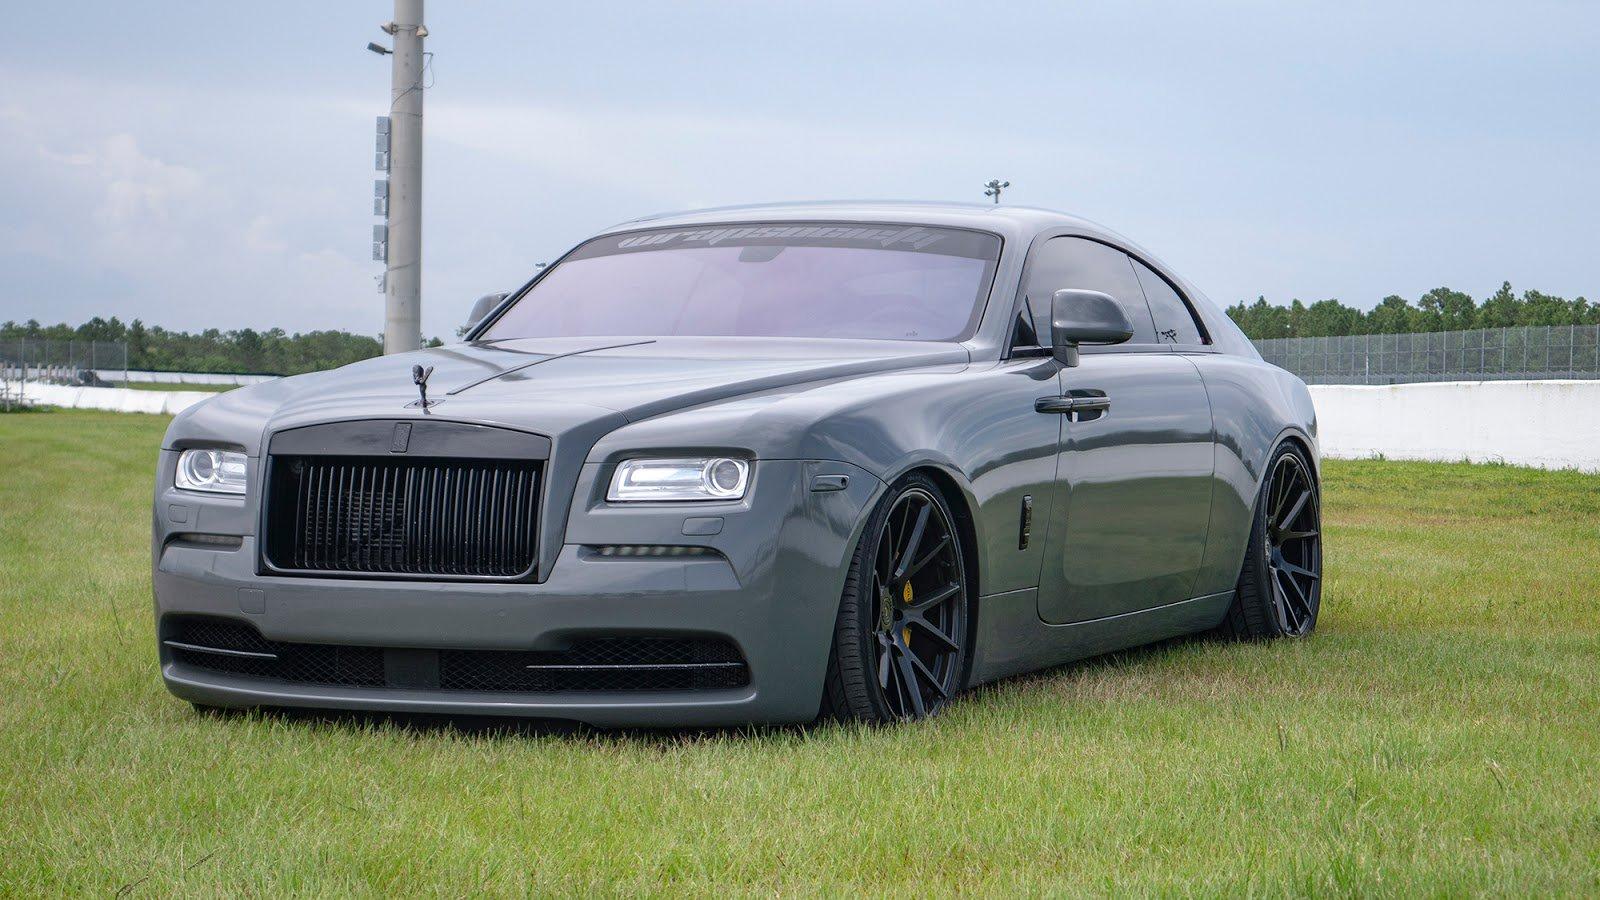 Rolls-Royce Wraith byRenntech (1)